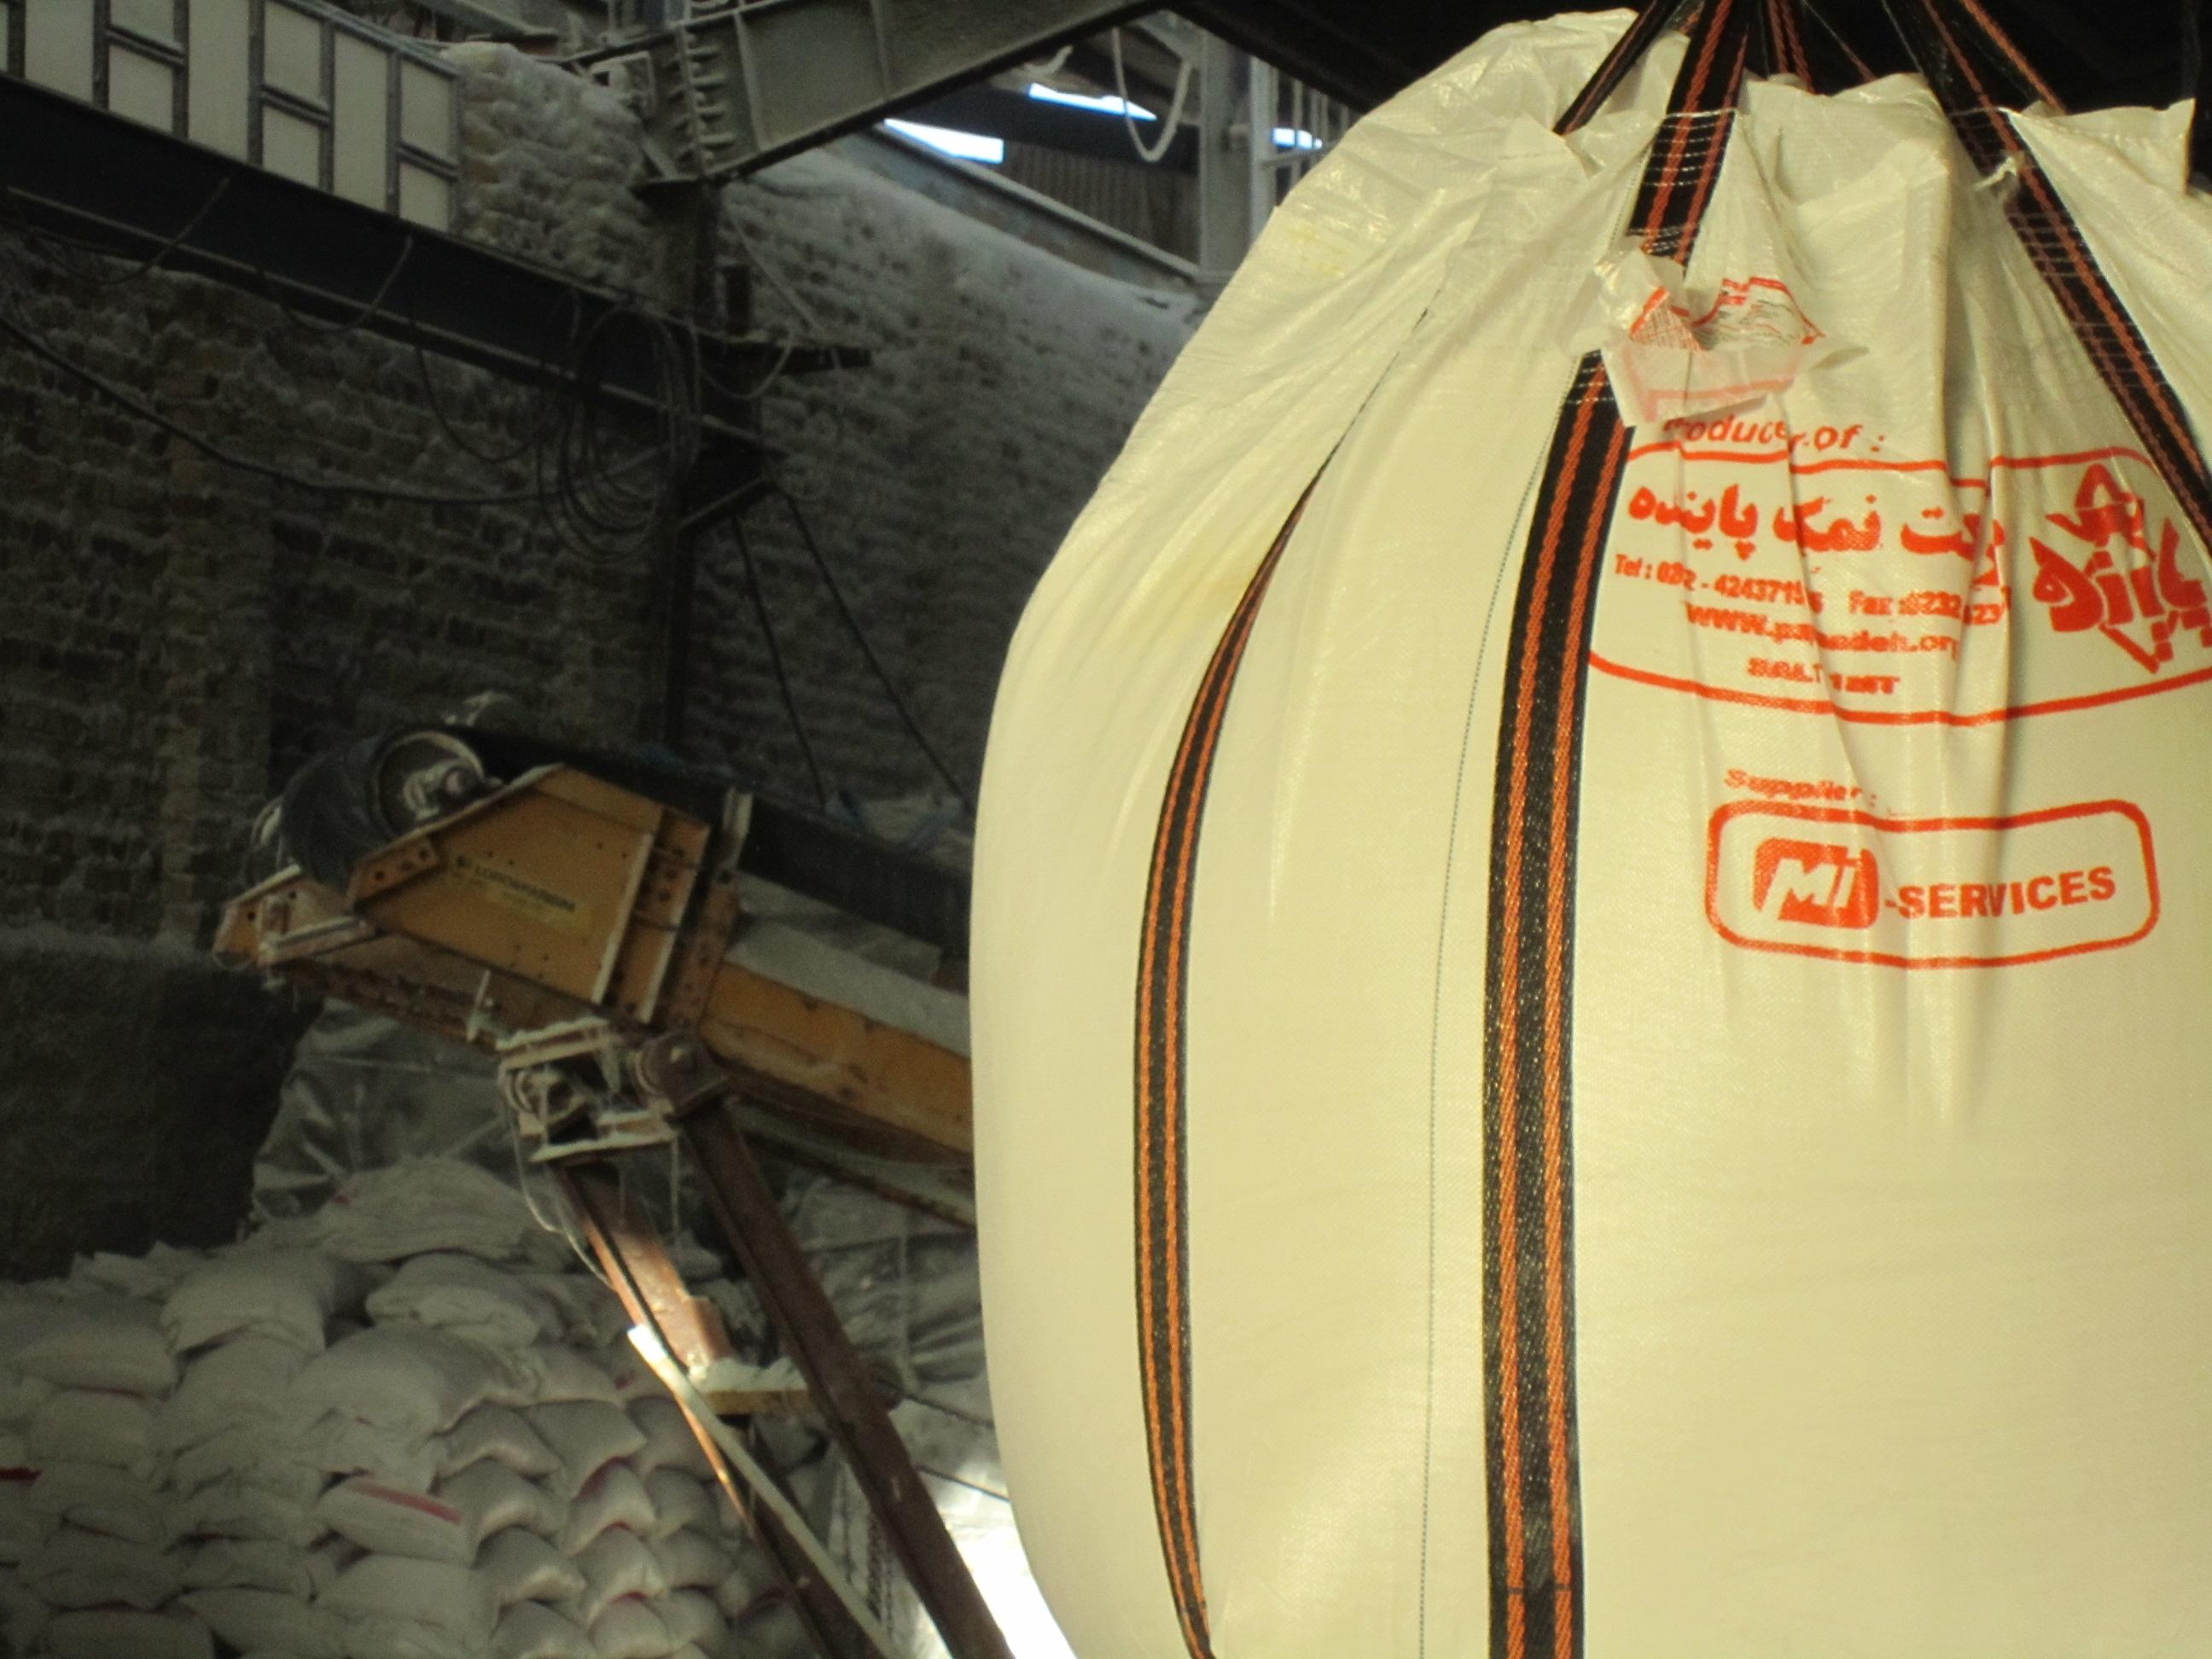 تولید و تامین انواع نمک صنعتی ، نمک دانه بندی ، نمک خوراکی ، نمک بسته بندی